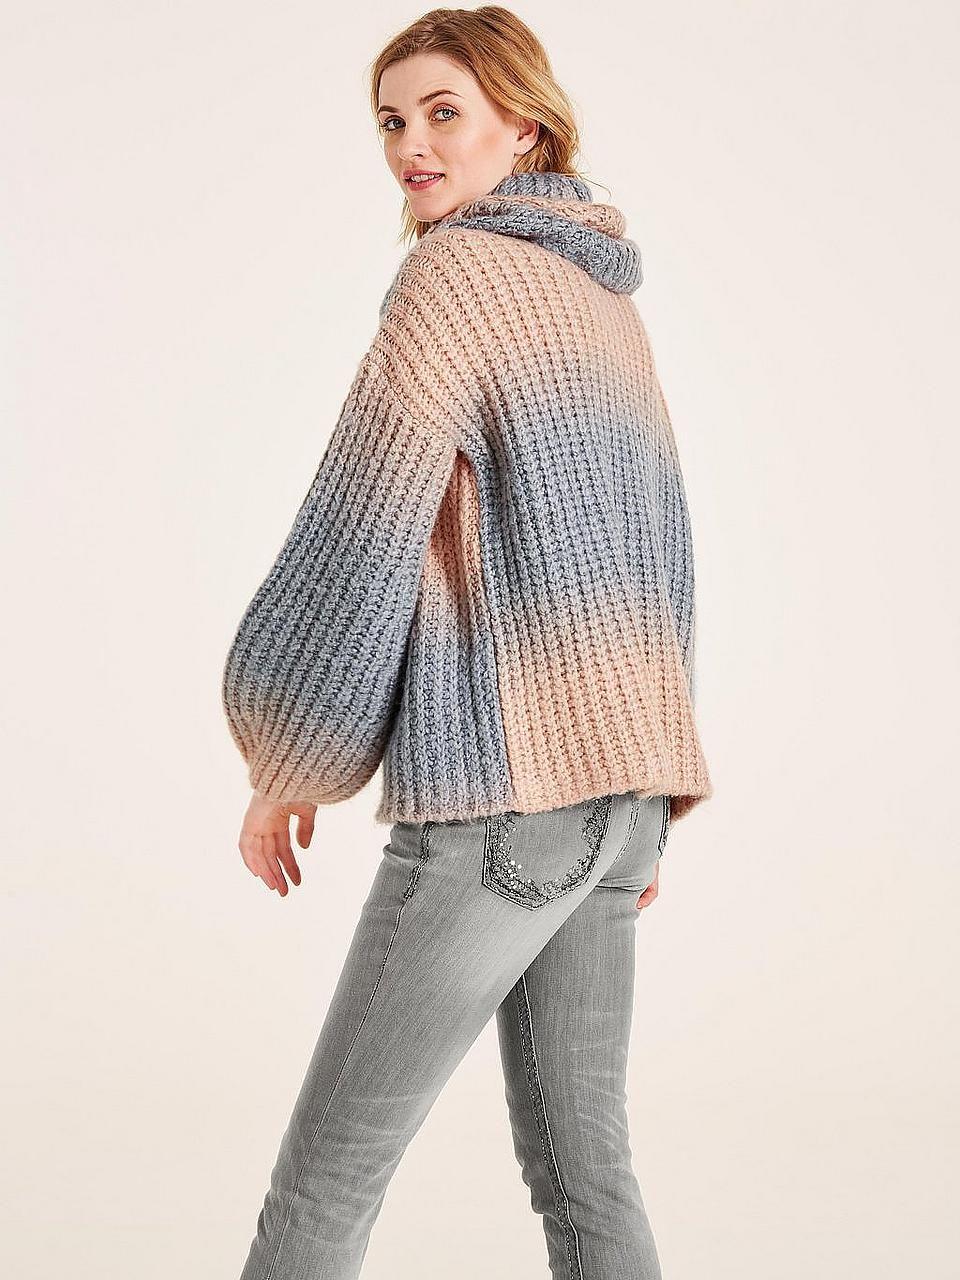 697ff70085c056 heine CASUAL Pullover mit U-Boot Ausschnitt #oversize #oversized #pullover  #oversizedpullover #oversizepulli #pulli #longpullover #baur Oversize  Pullover ...